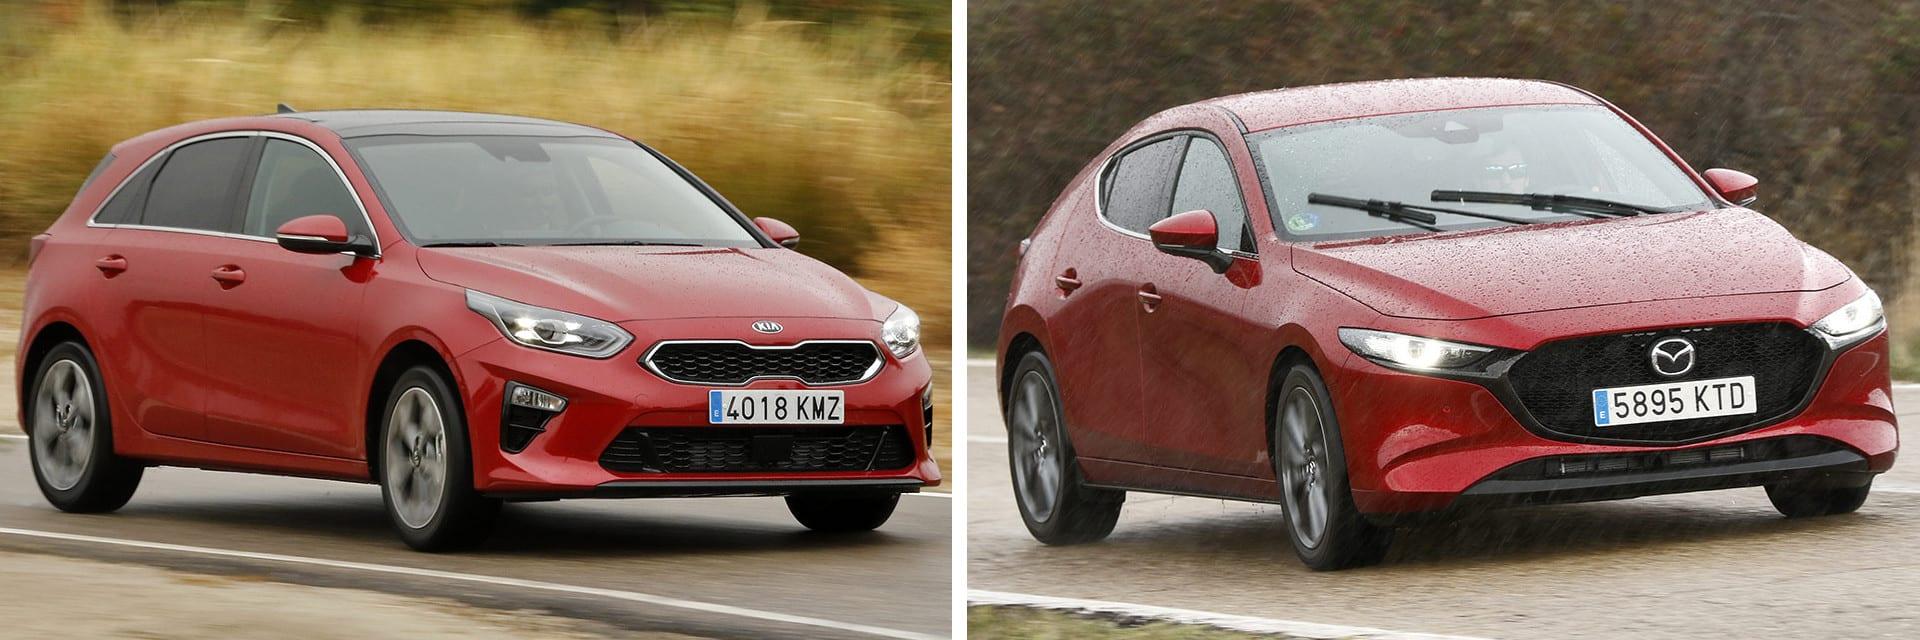 El Ceed (izq.) utilizado en esta prueba está a la venta por 19.127 euros; el Mazda3 (dcha.) está disponible por 20.715 euros.